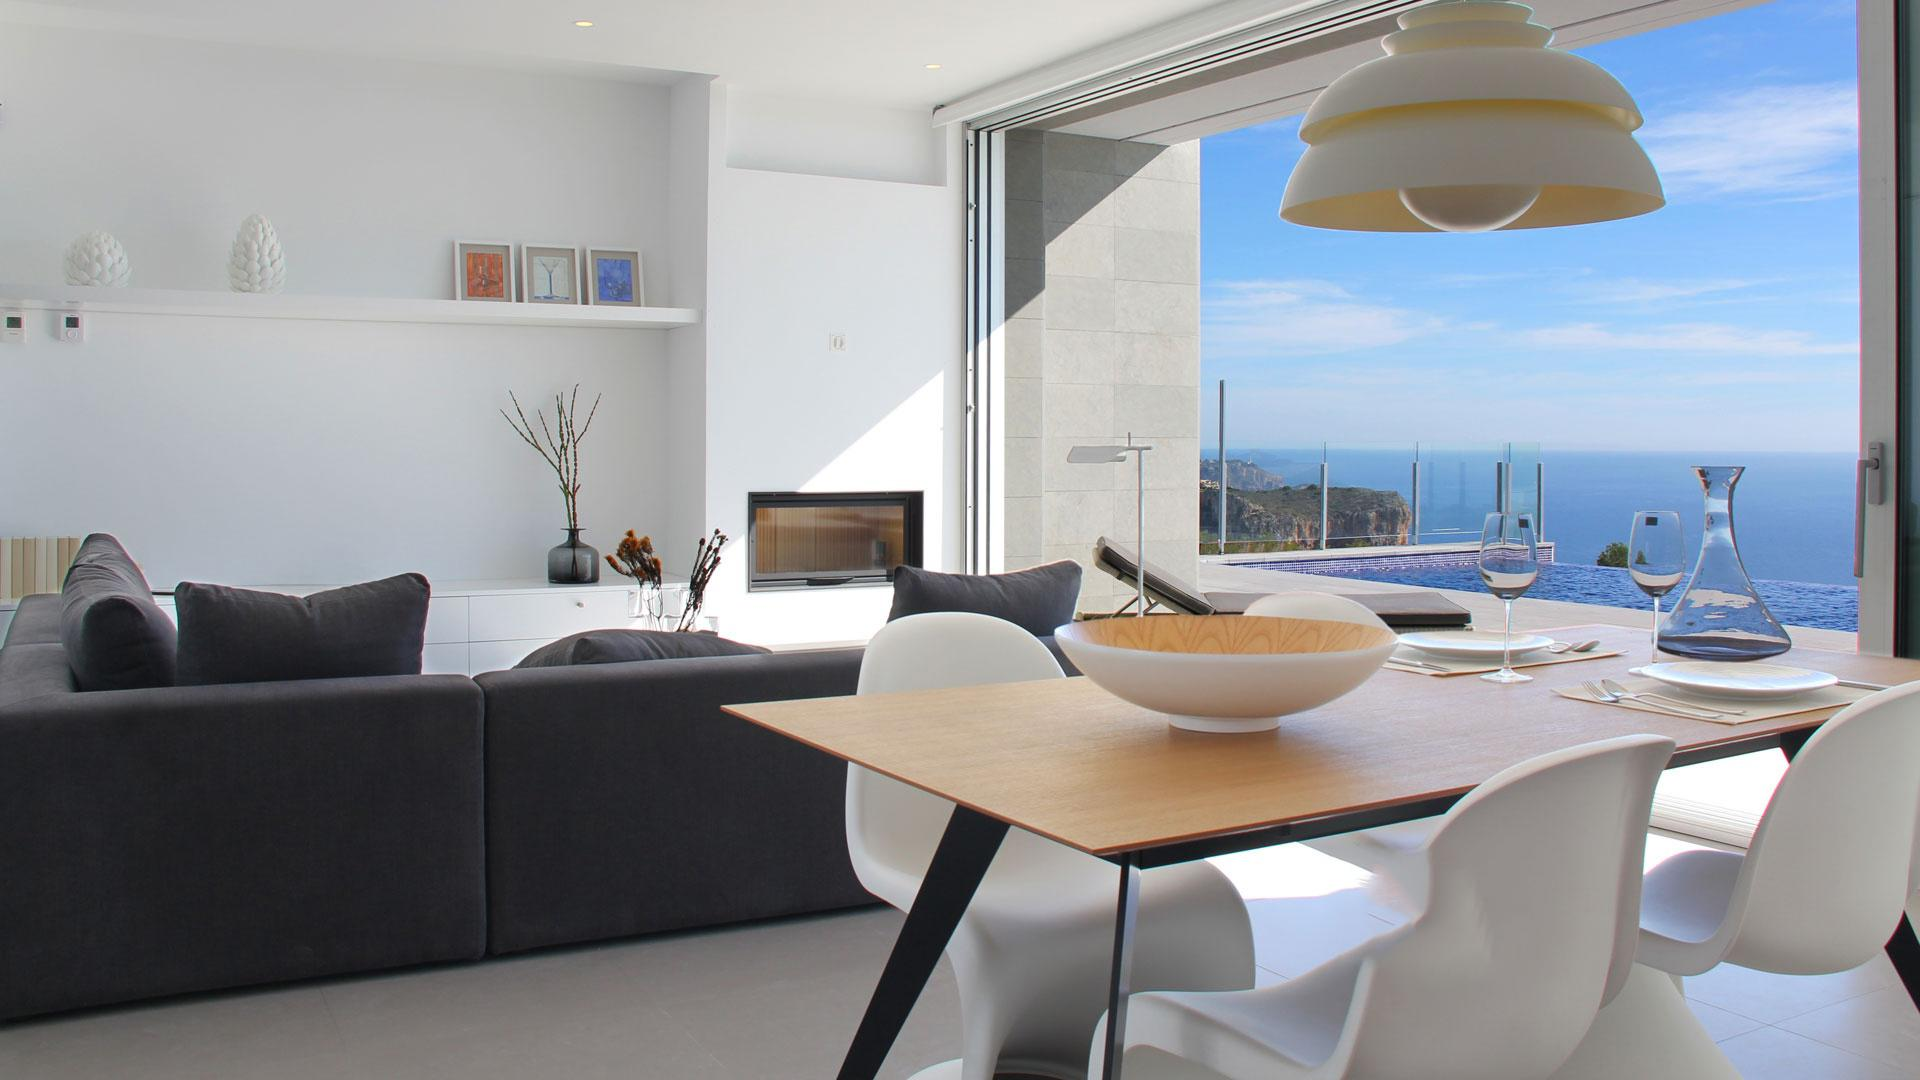 Lirios Design - Cumbre del Sol, Benitachell